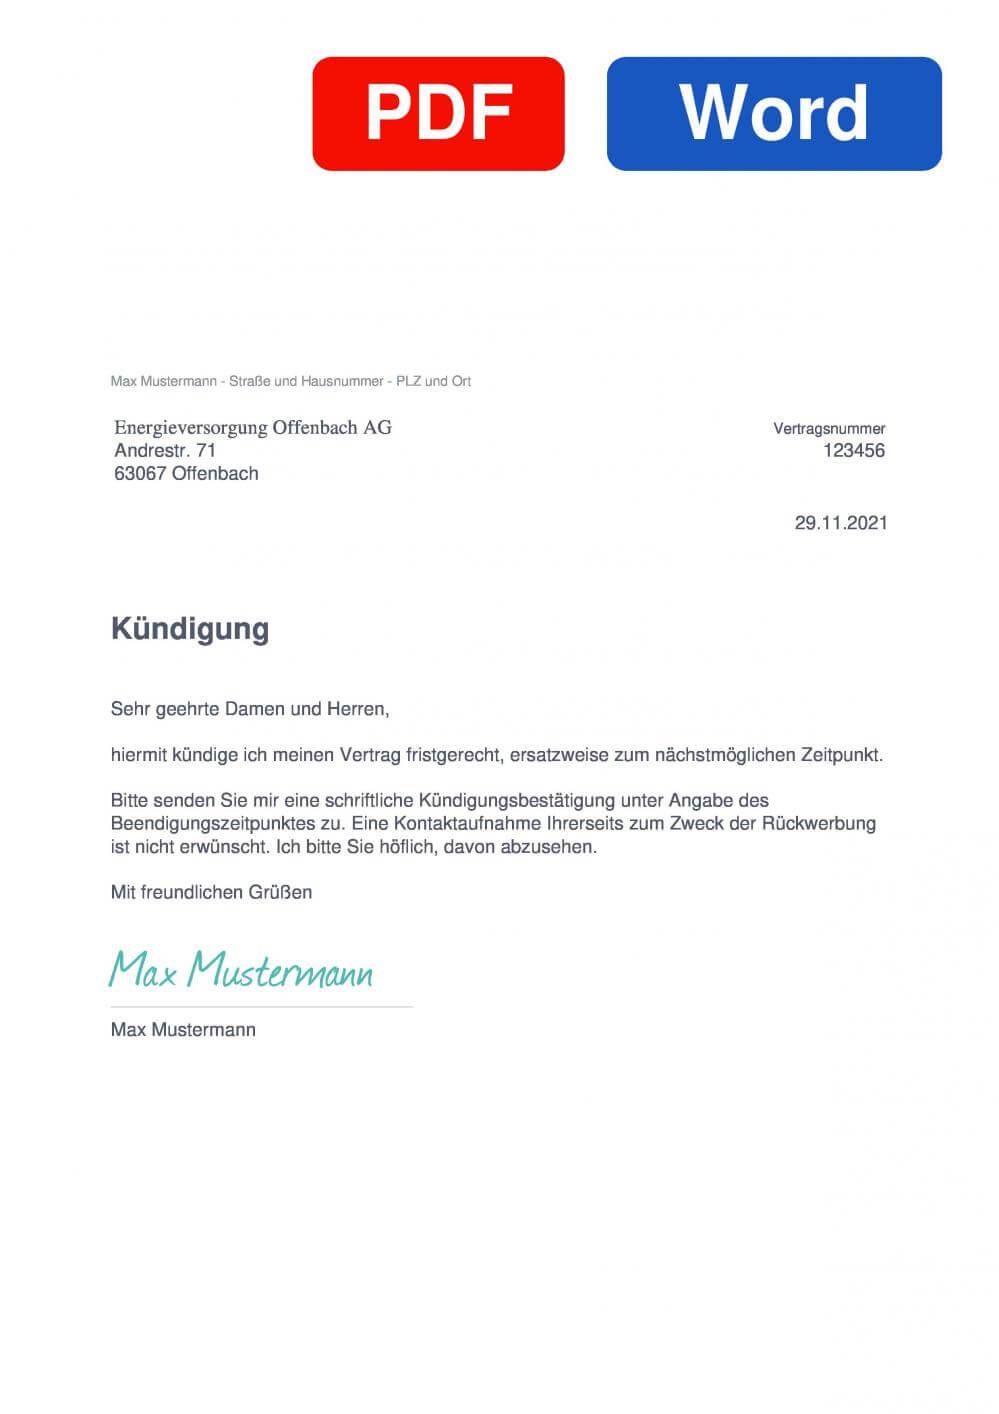 EVO Muster Vorlage für Kündigungsschreiben